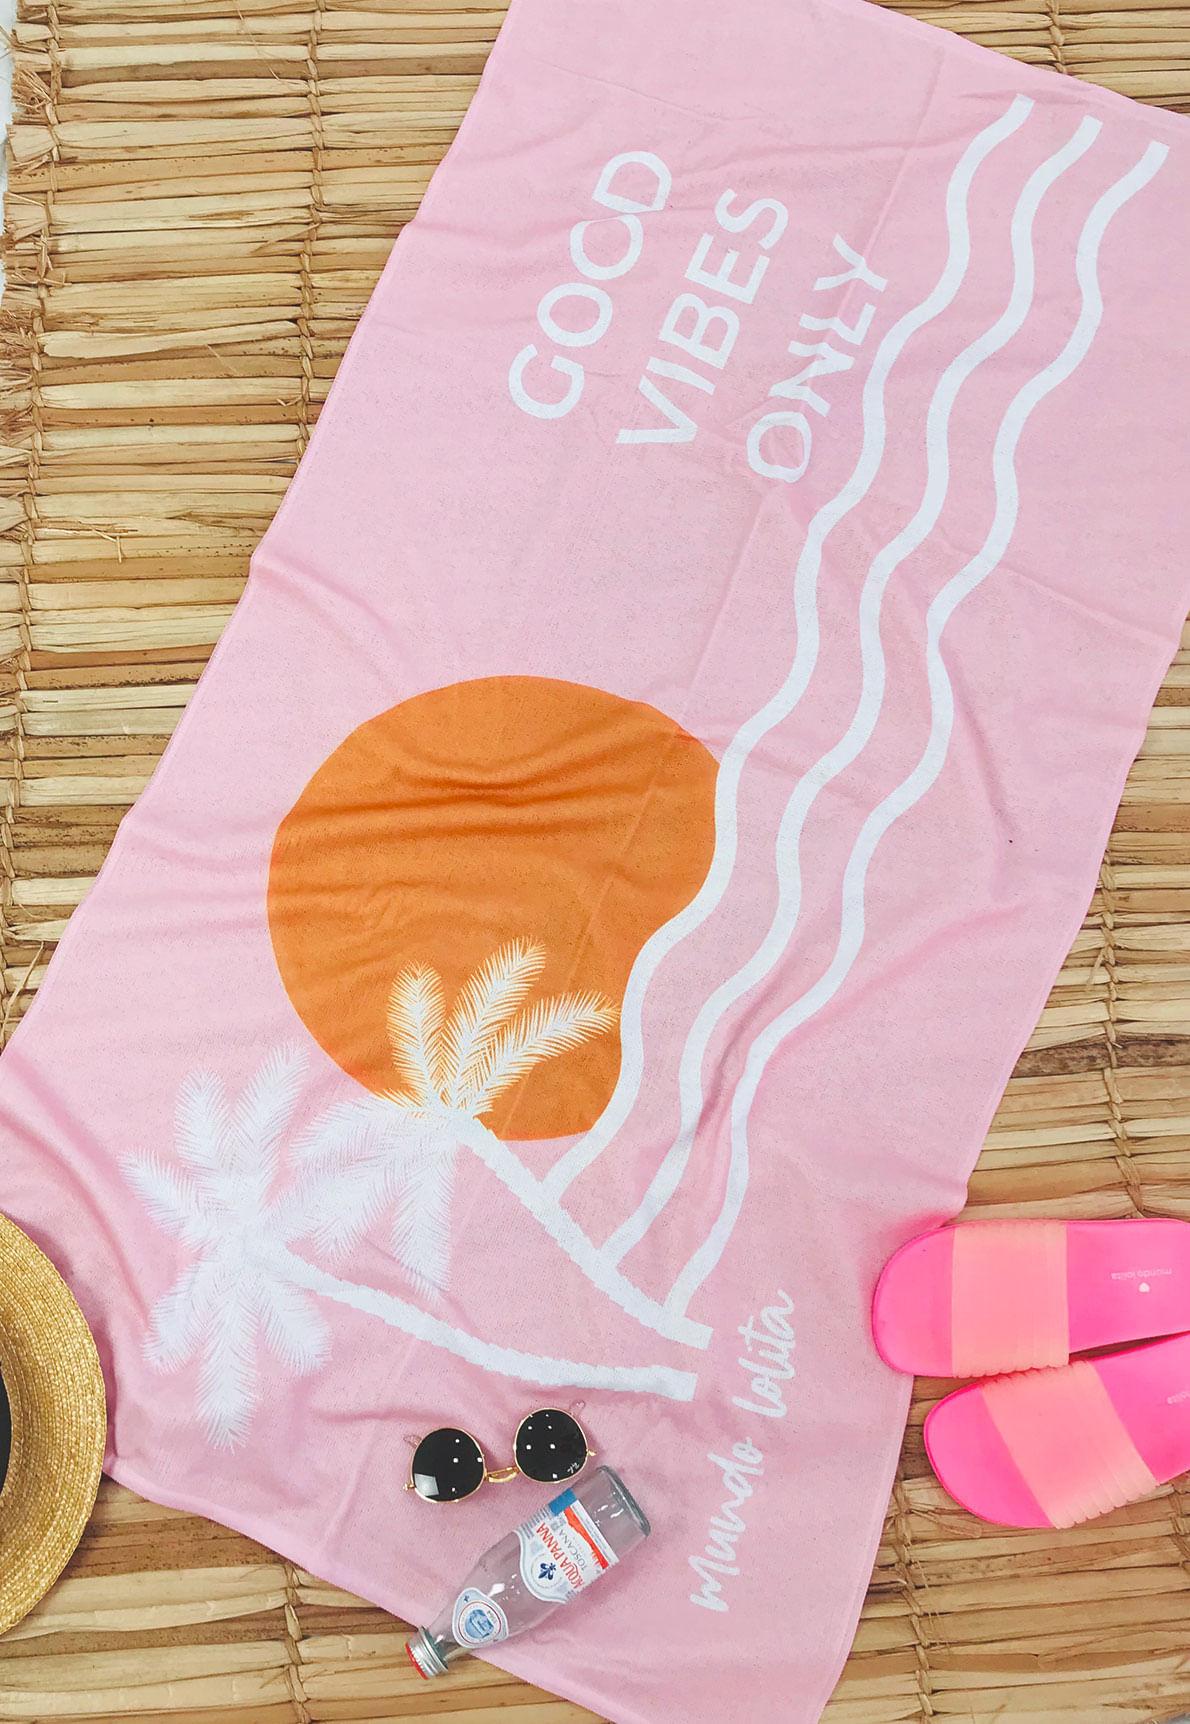 33428-toalha-praia-good-vibe-Only-mundo-lolita-01